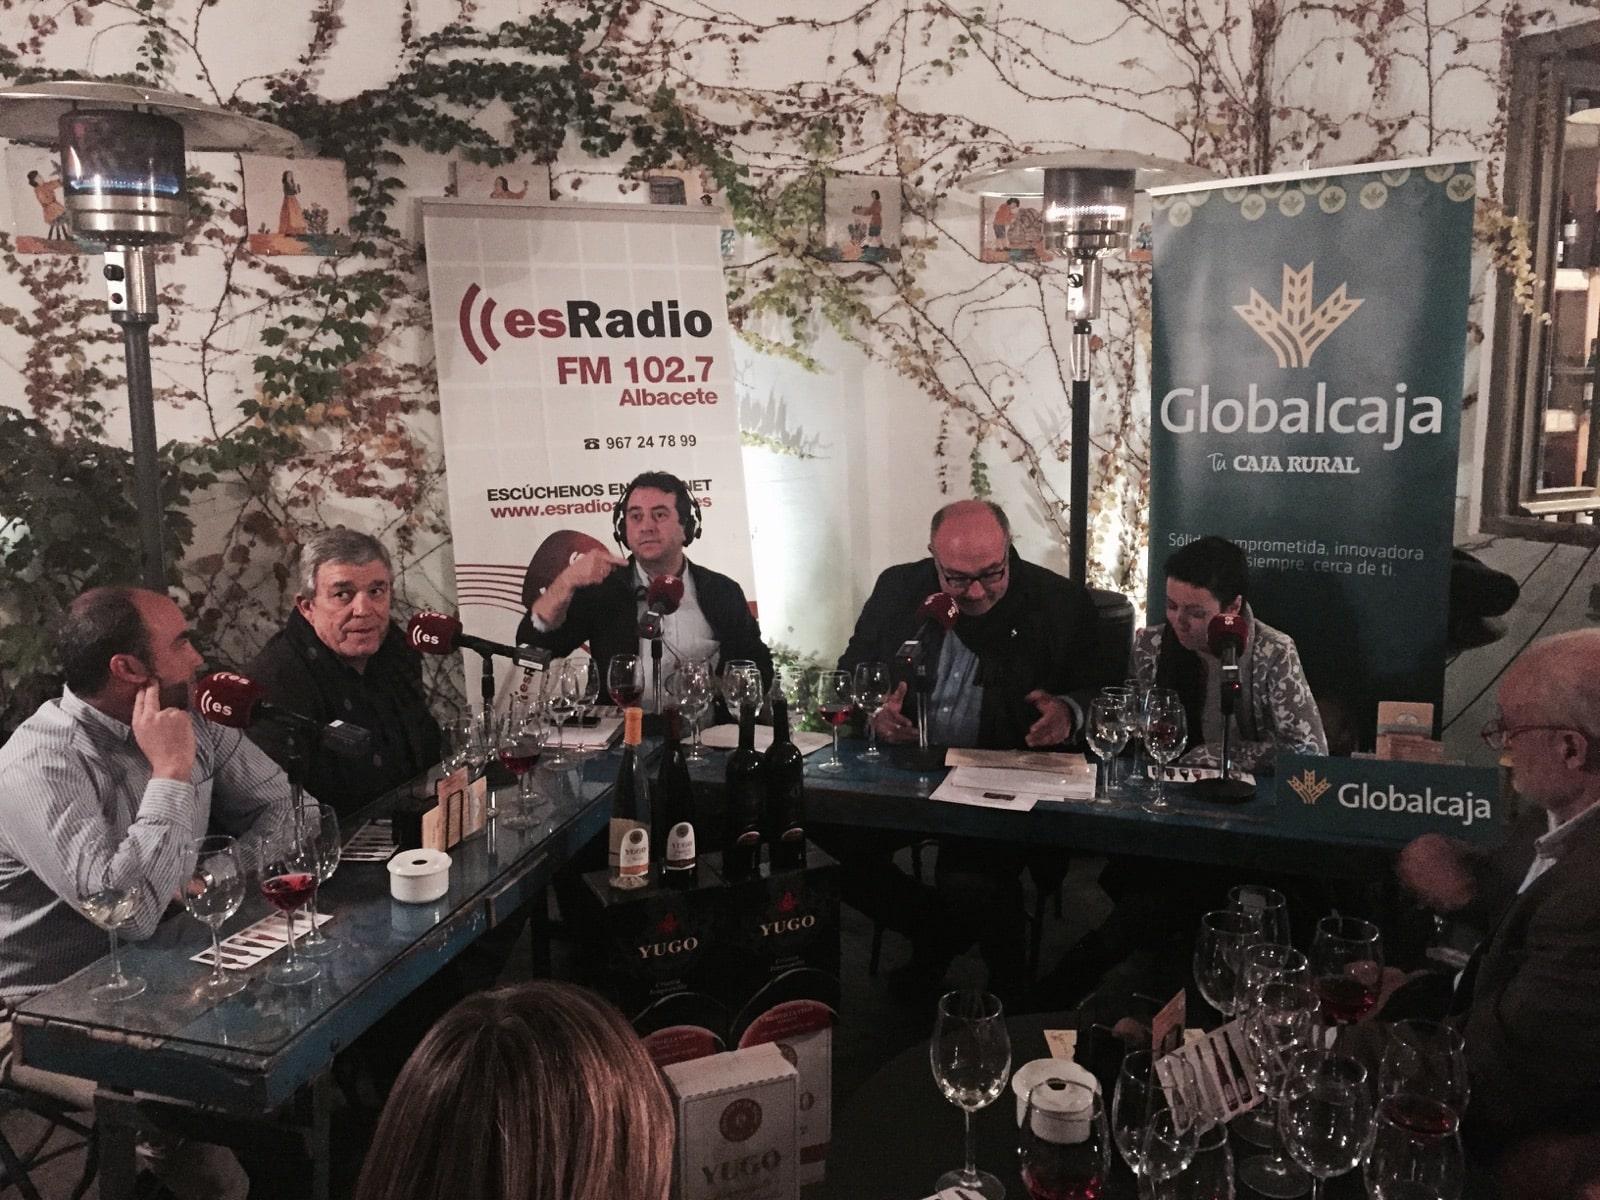 Globalcaja, en EsRadio Albacete, en apoyo de la promoción del vino